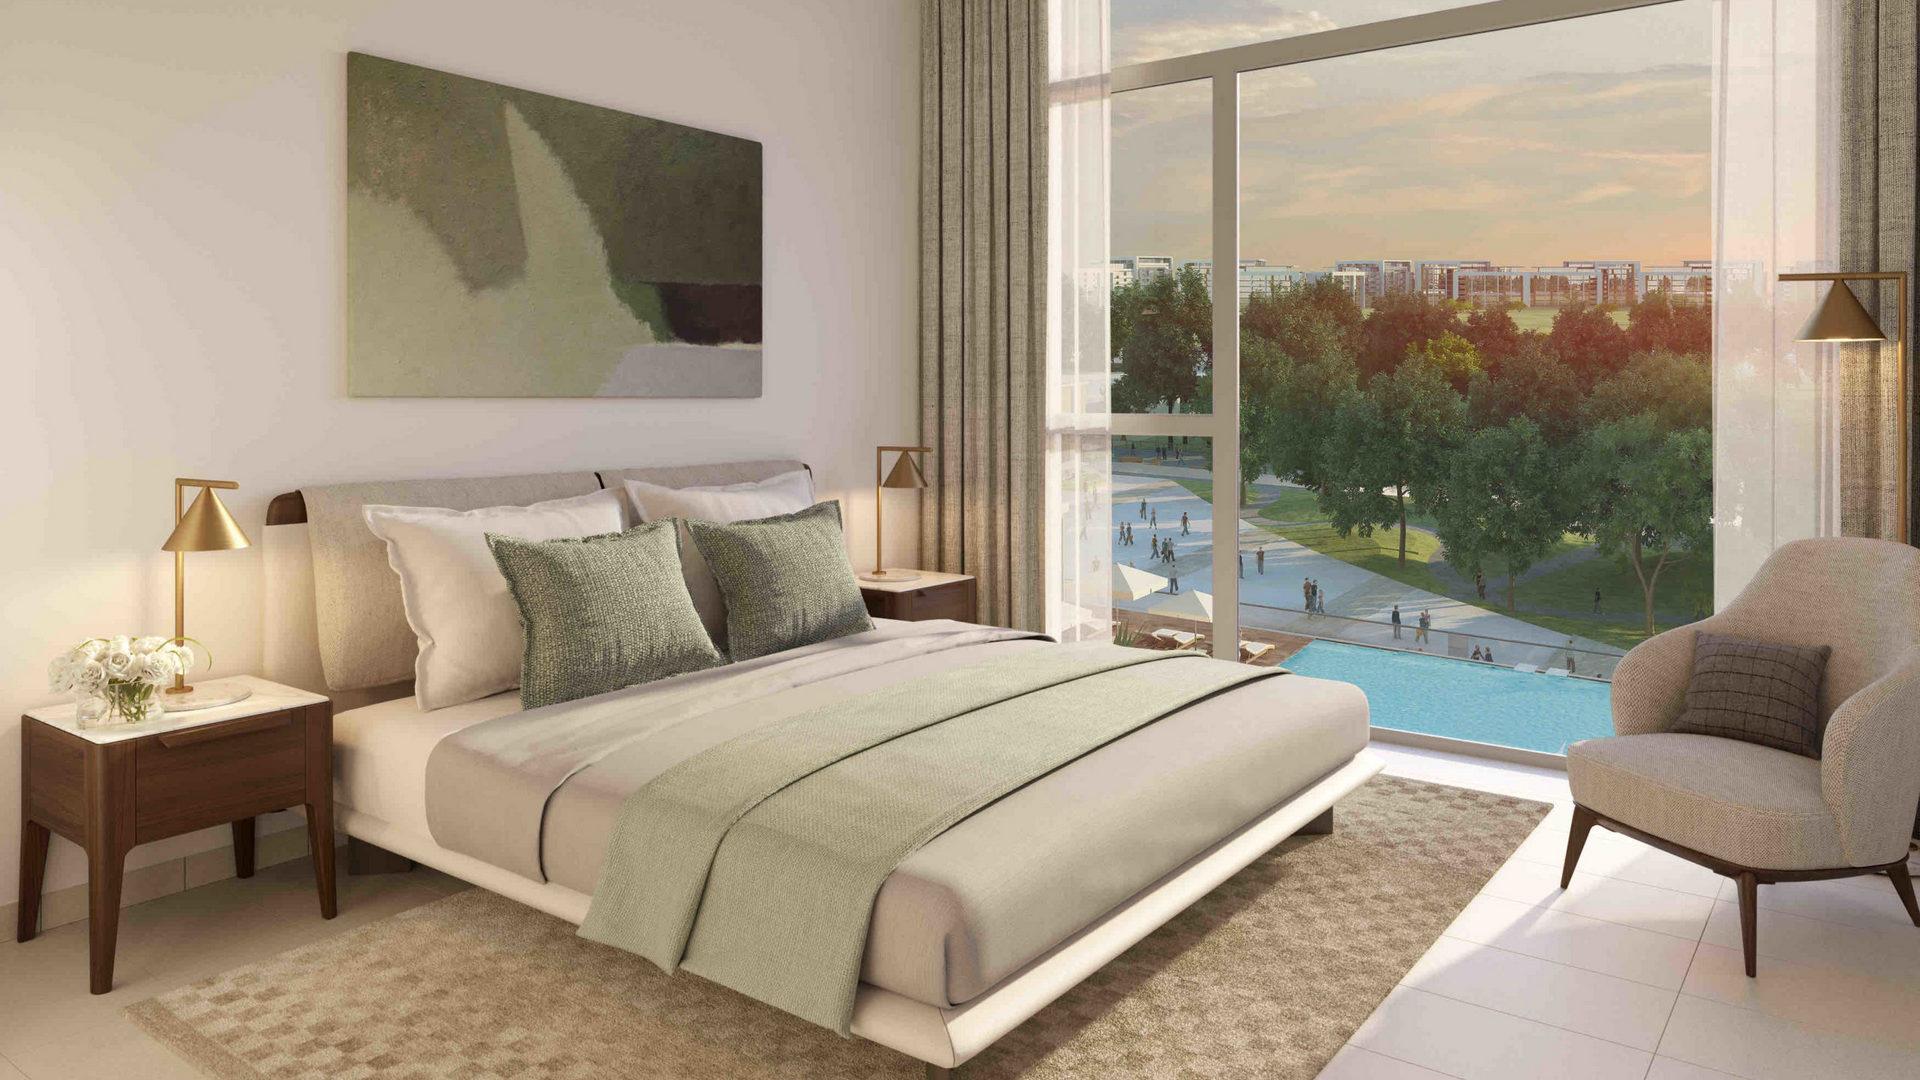 Apartment for sale in Dubai, UAE, 3 bedrooms, 147 m2, No. 24272 – photo 1